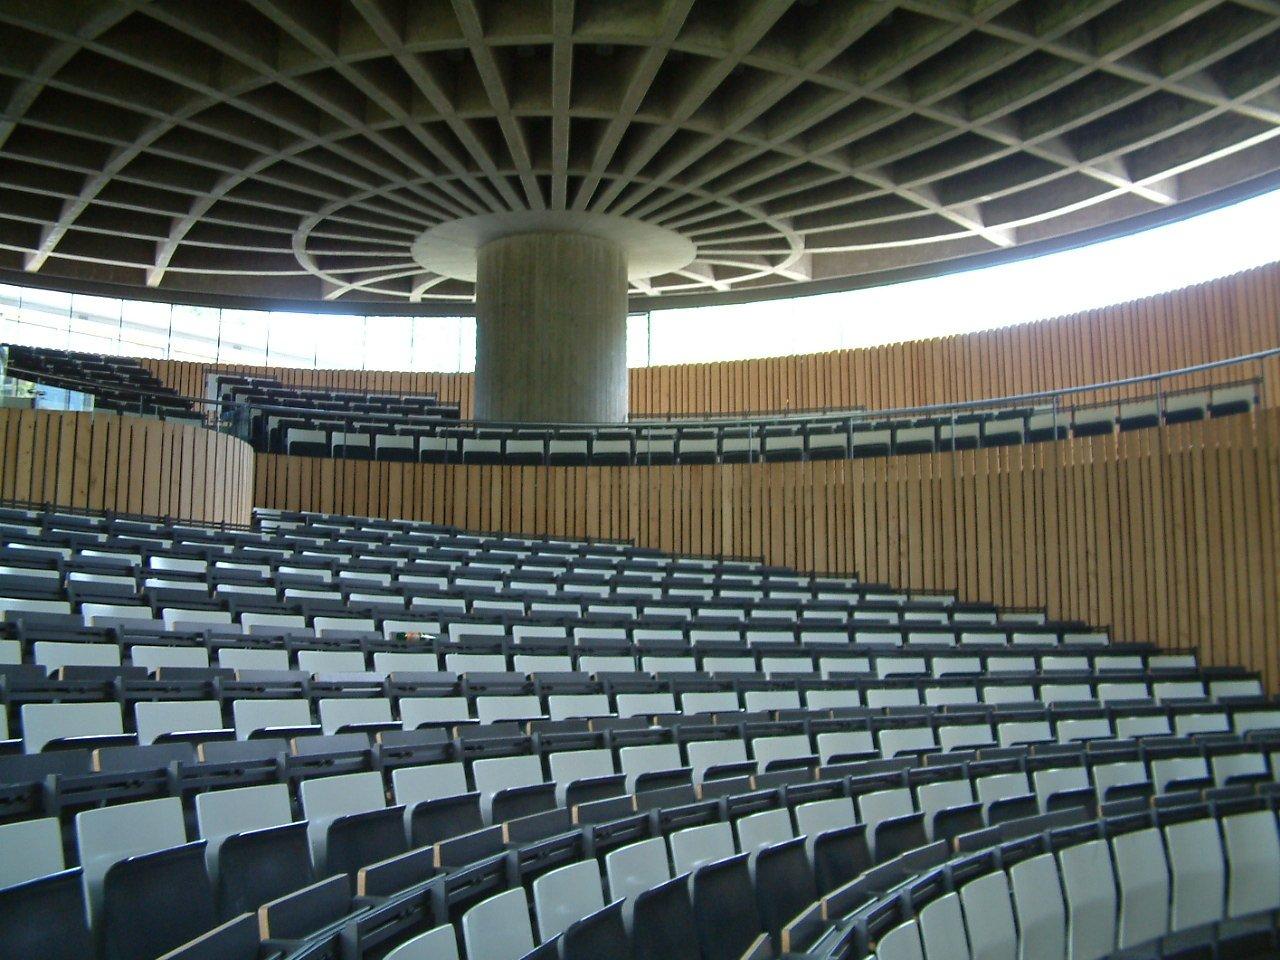 Aktuelle Ansicht der Deckenkonstruktion im Zoologischen Hörsaal der Uni Freiburg: Die Decke ist genauso stabil wie moderne Decken, ergab eine aktuelle Prüfung.